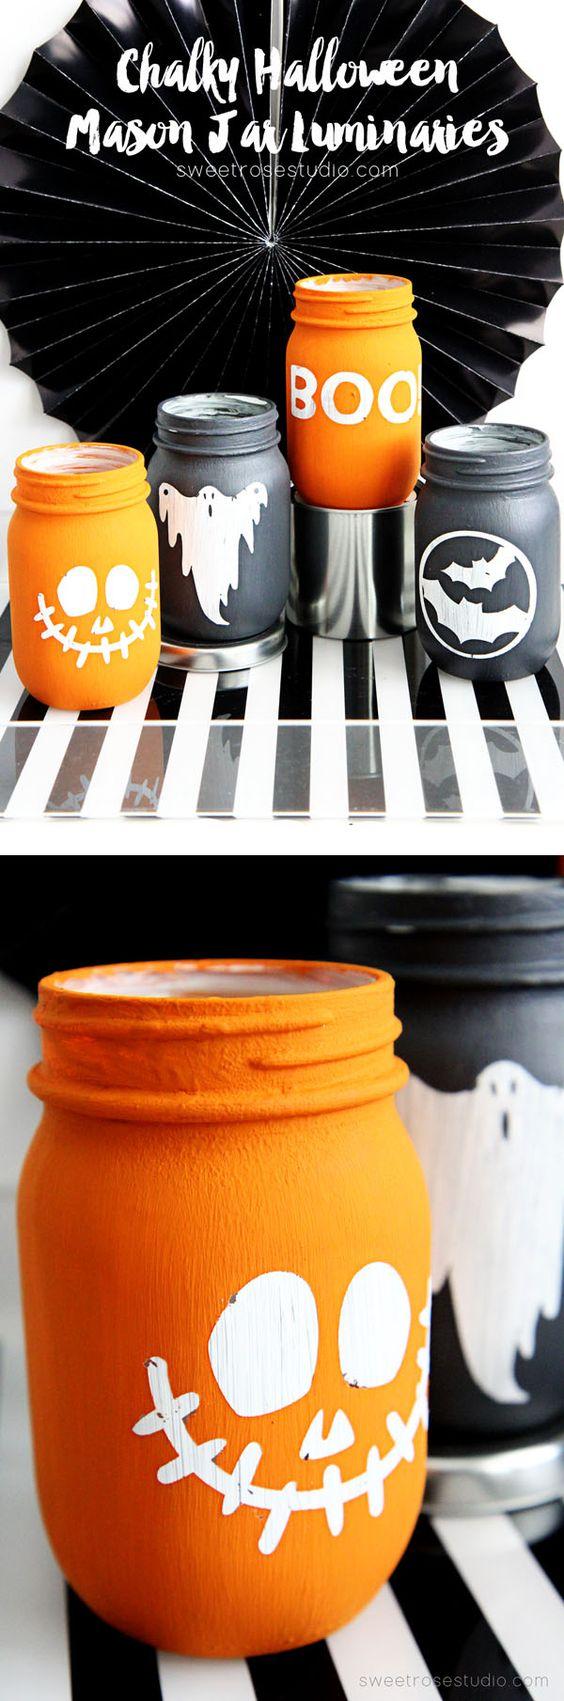 Chalky Halloween Mason Jar Luminaries .